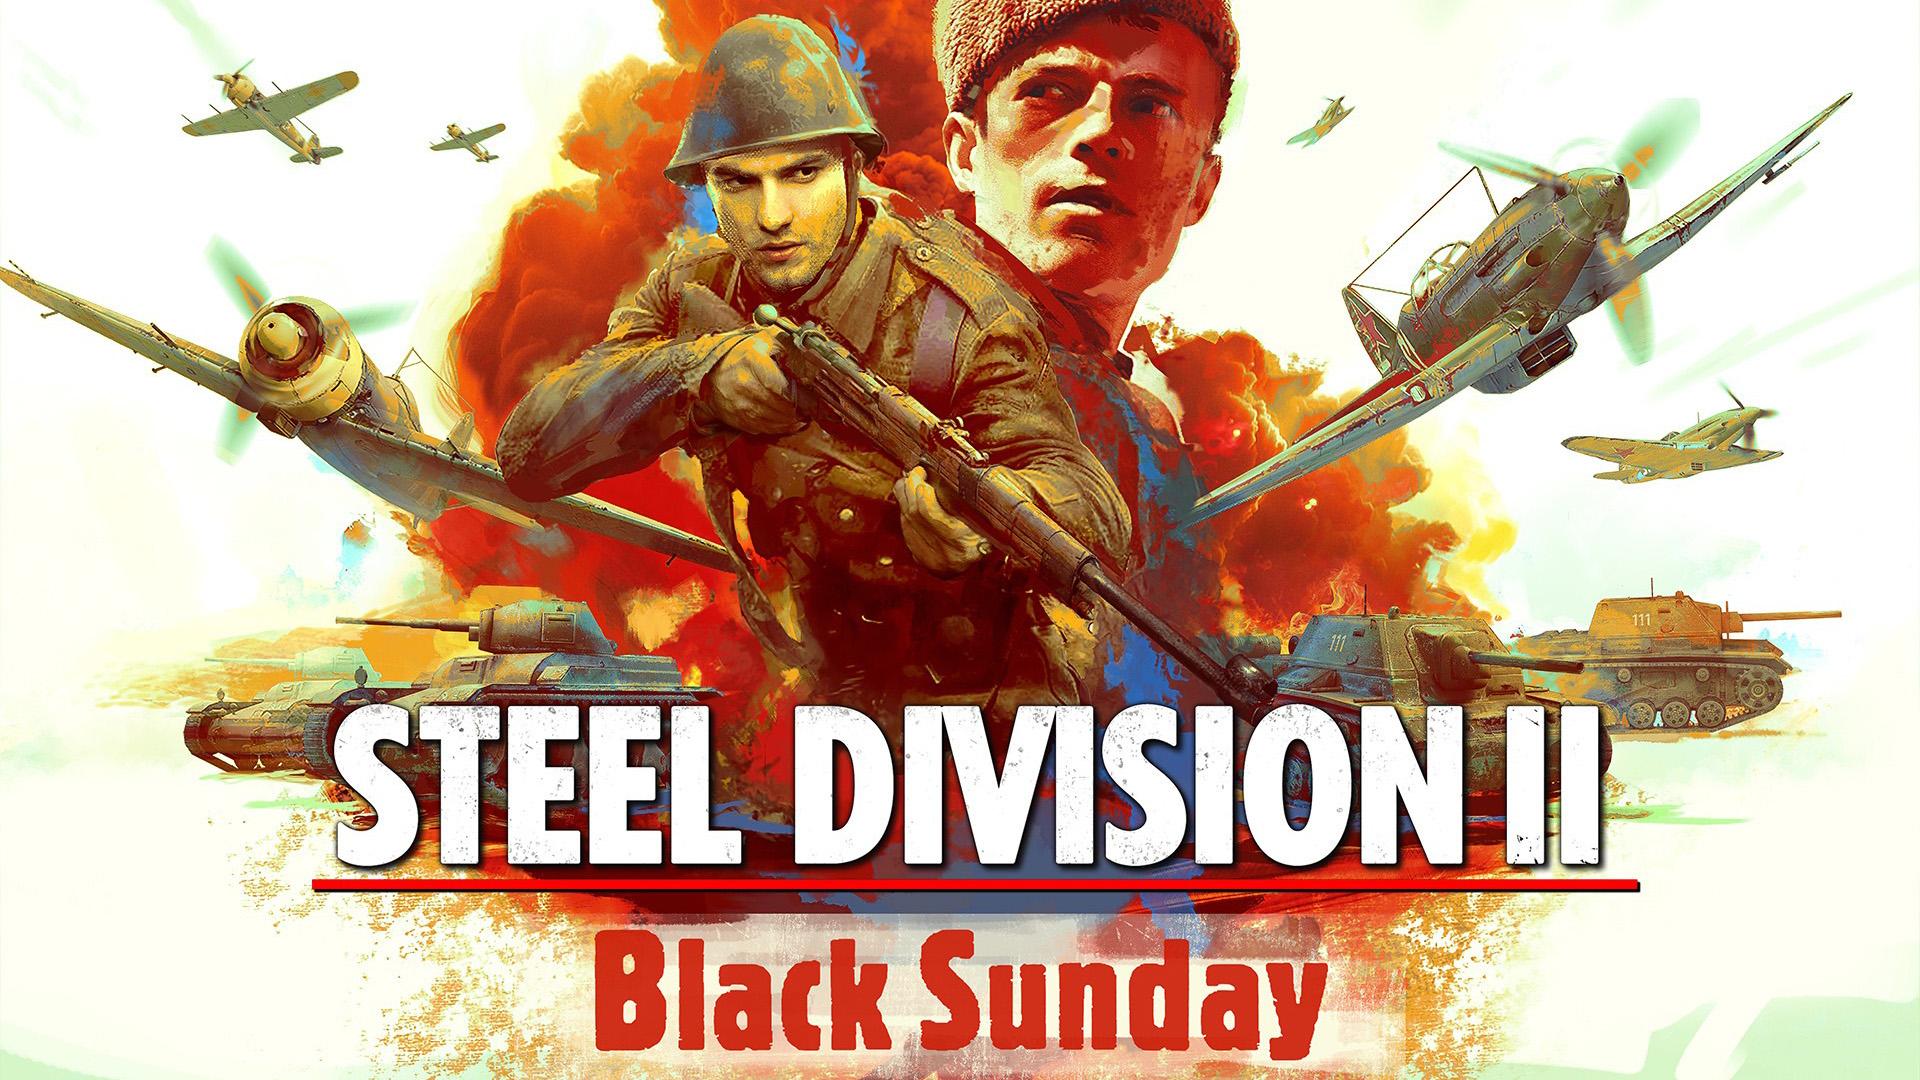 Вышло DLC Black Sunday для Steel Division 2, переносящее игроков в Румынию